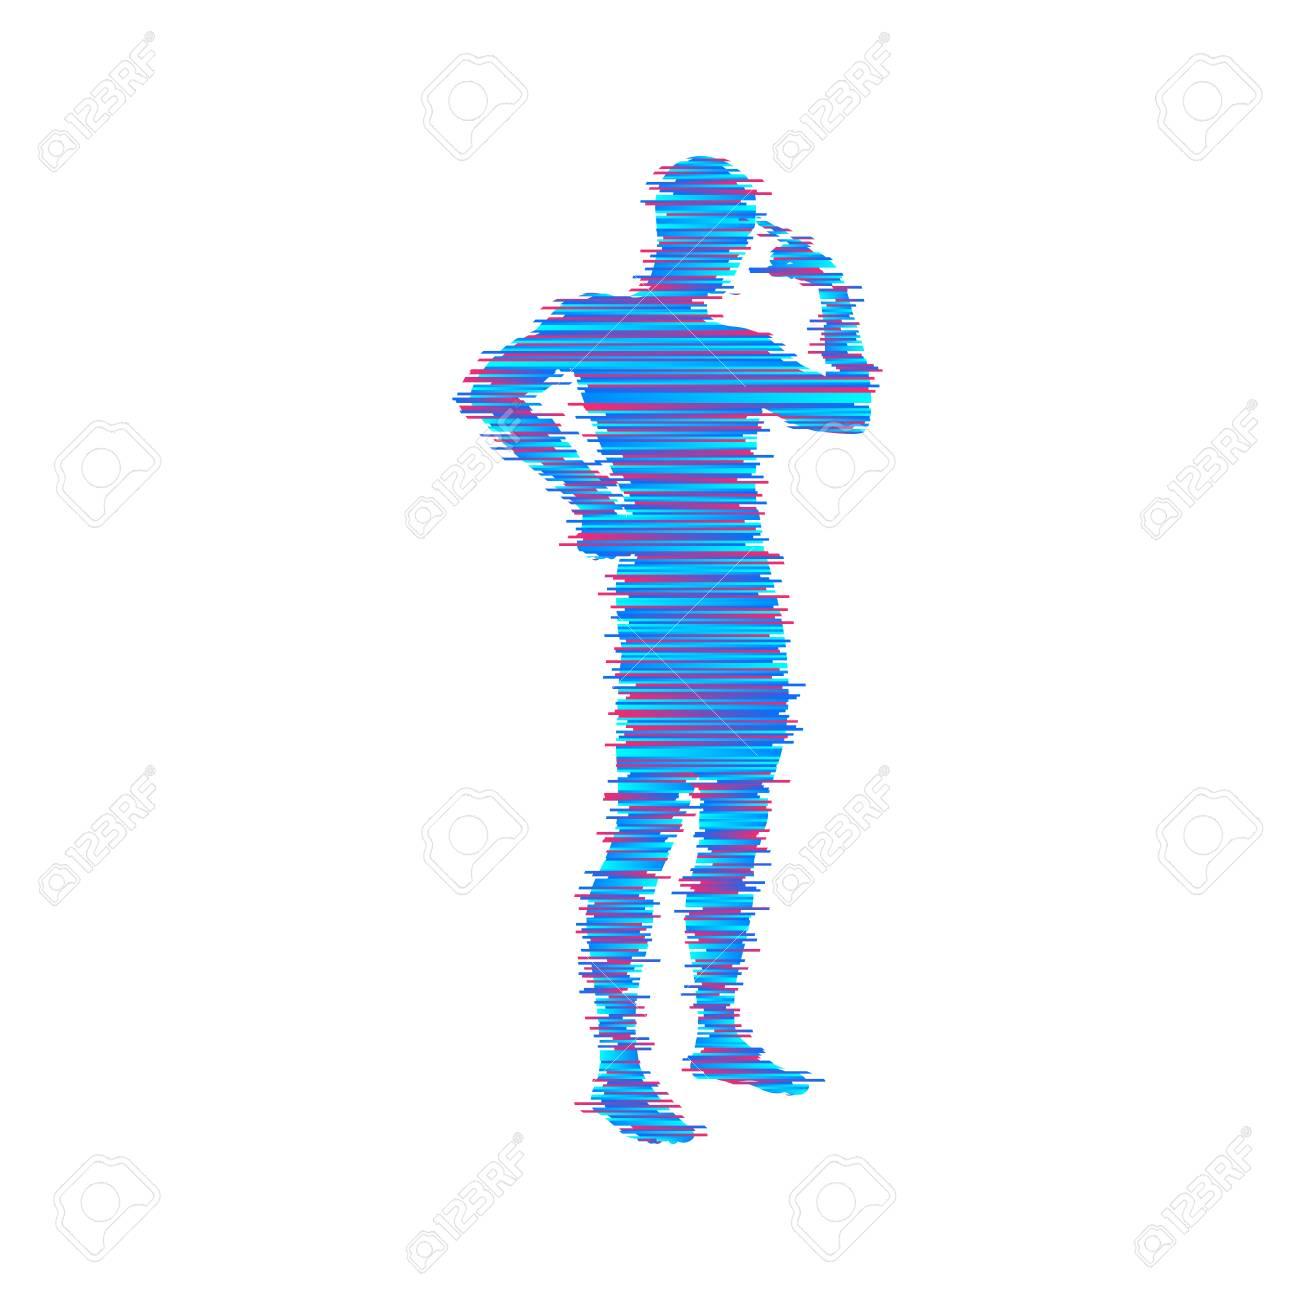 思考の男立っている人のシルエットアイデアの概念ベクトル イラスト